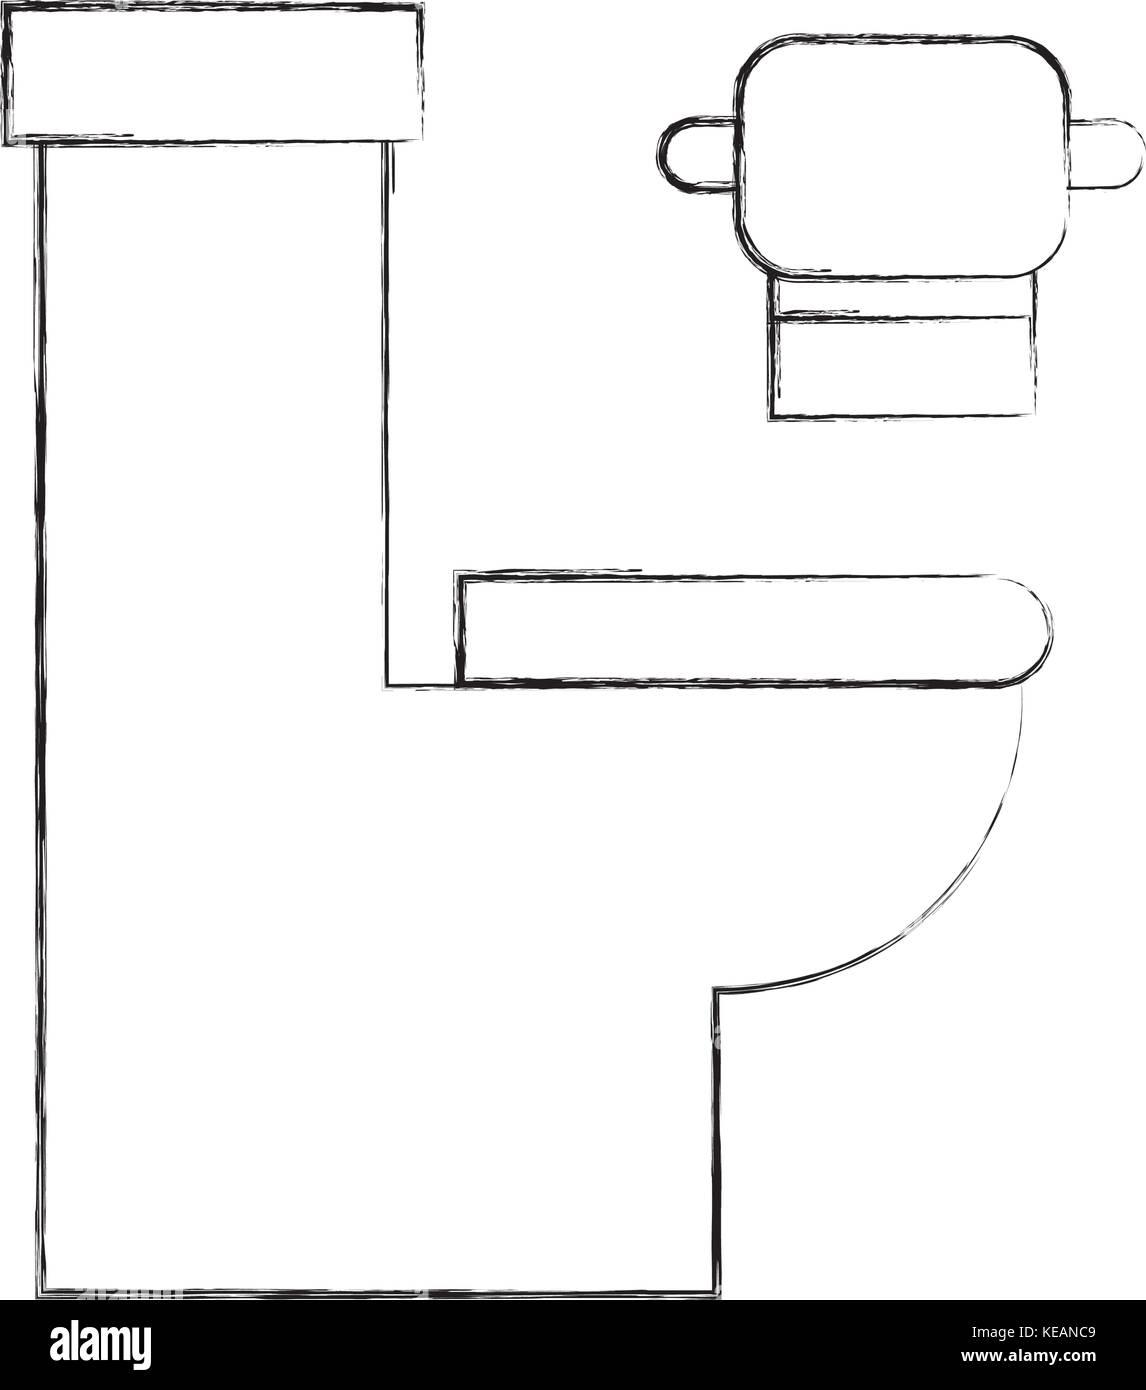 La Cuvette Des Toilettes Avec Du Papier Equipement Hygi Nique